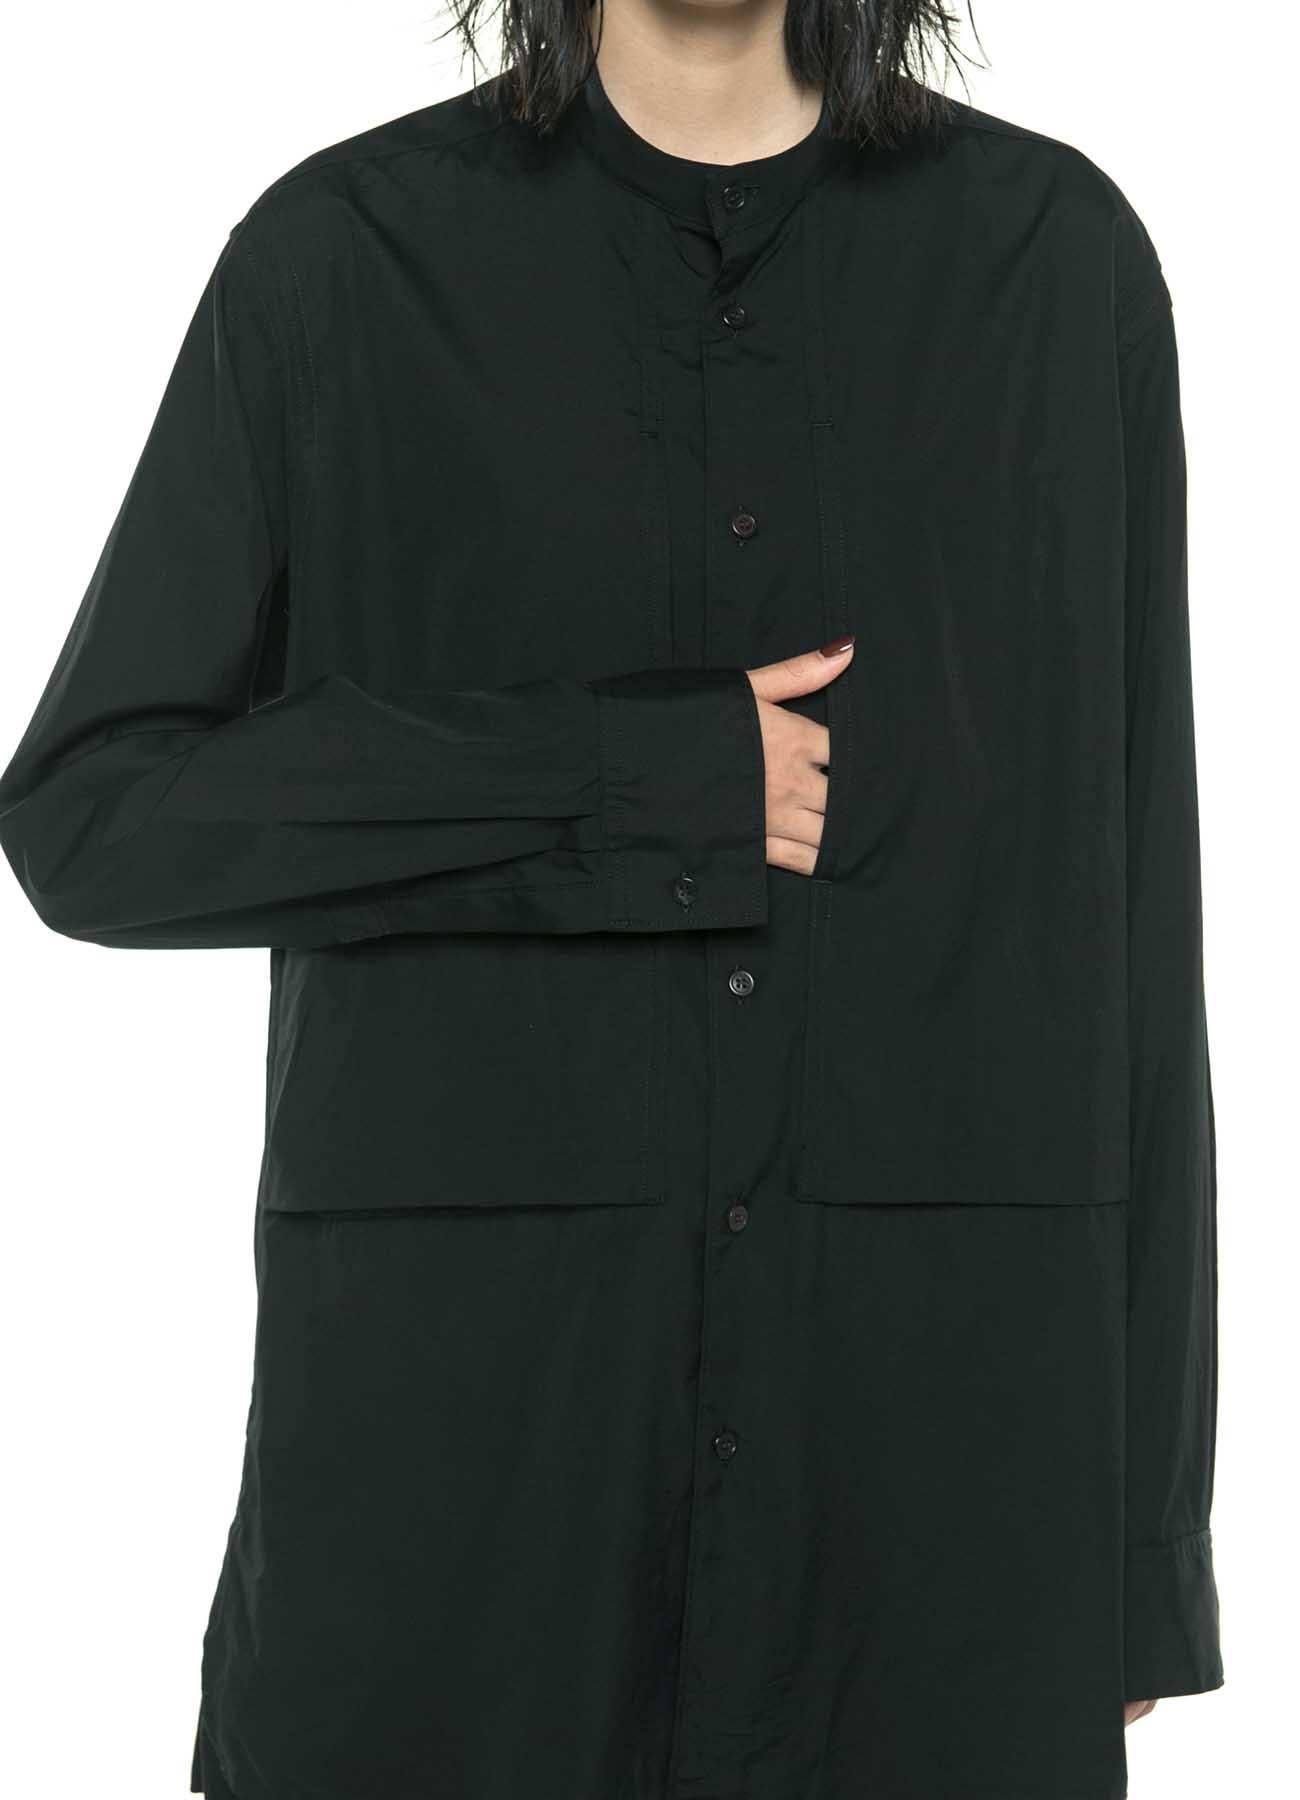 100/2 Broad Stand Color Center Slash Pocket Shirt